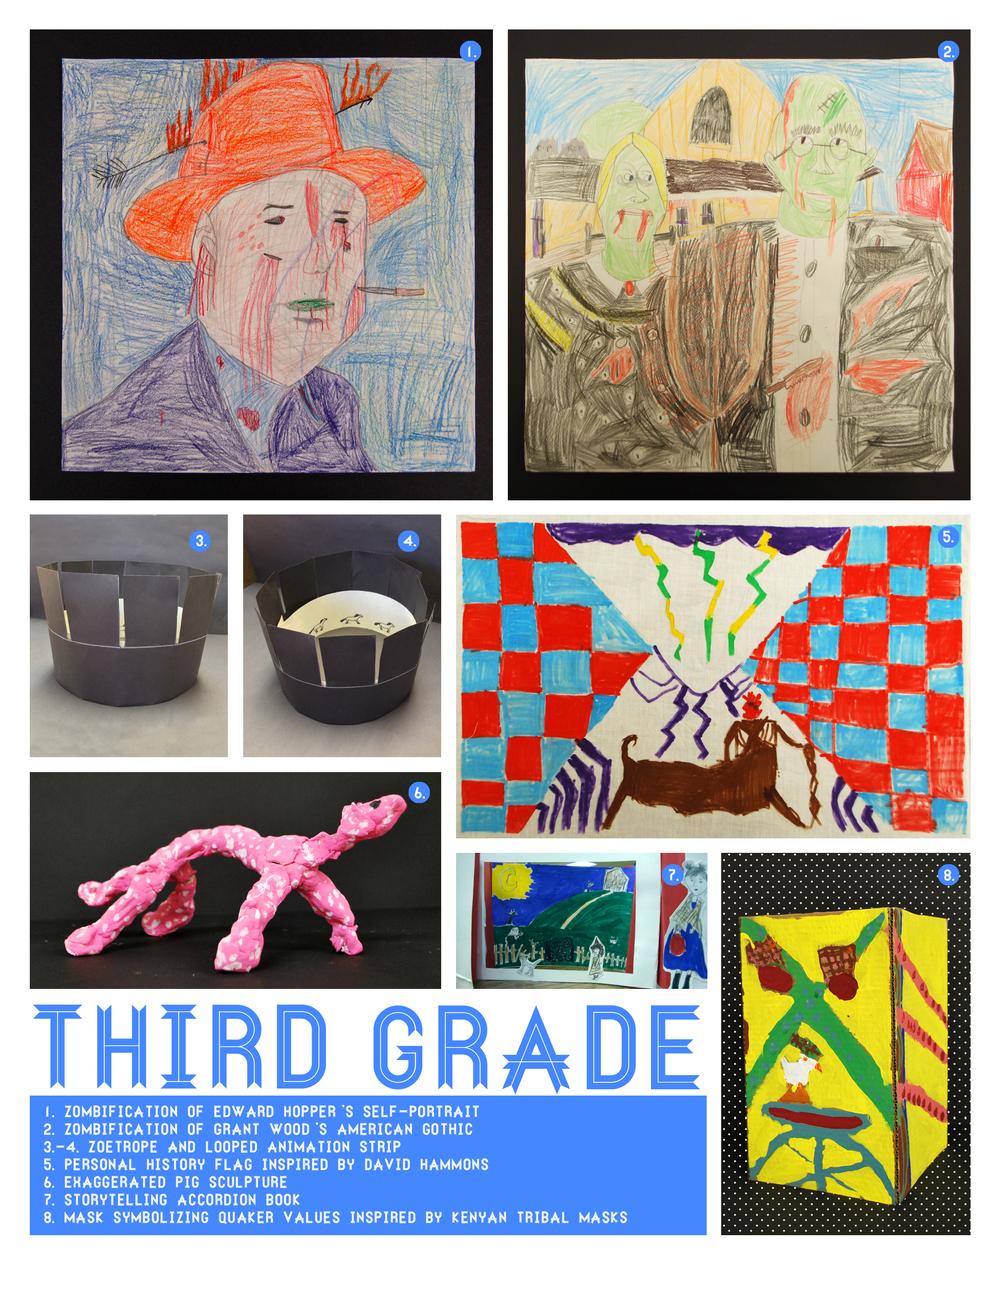 04. Third Grade01.jpg